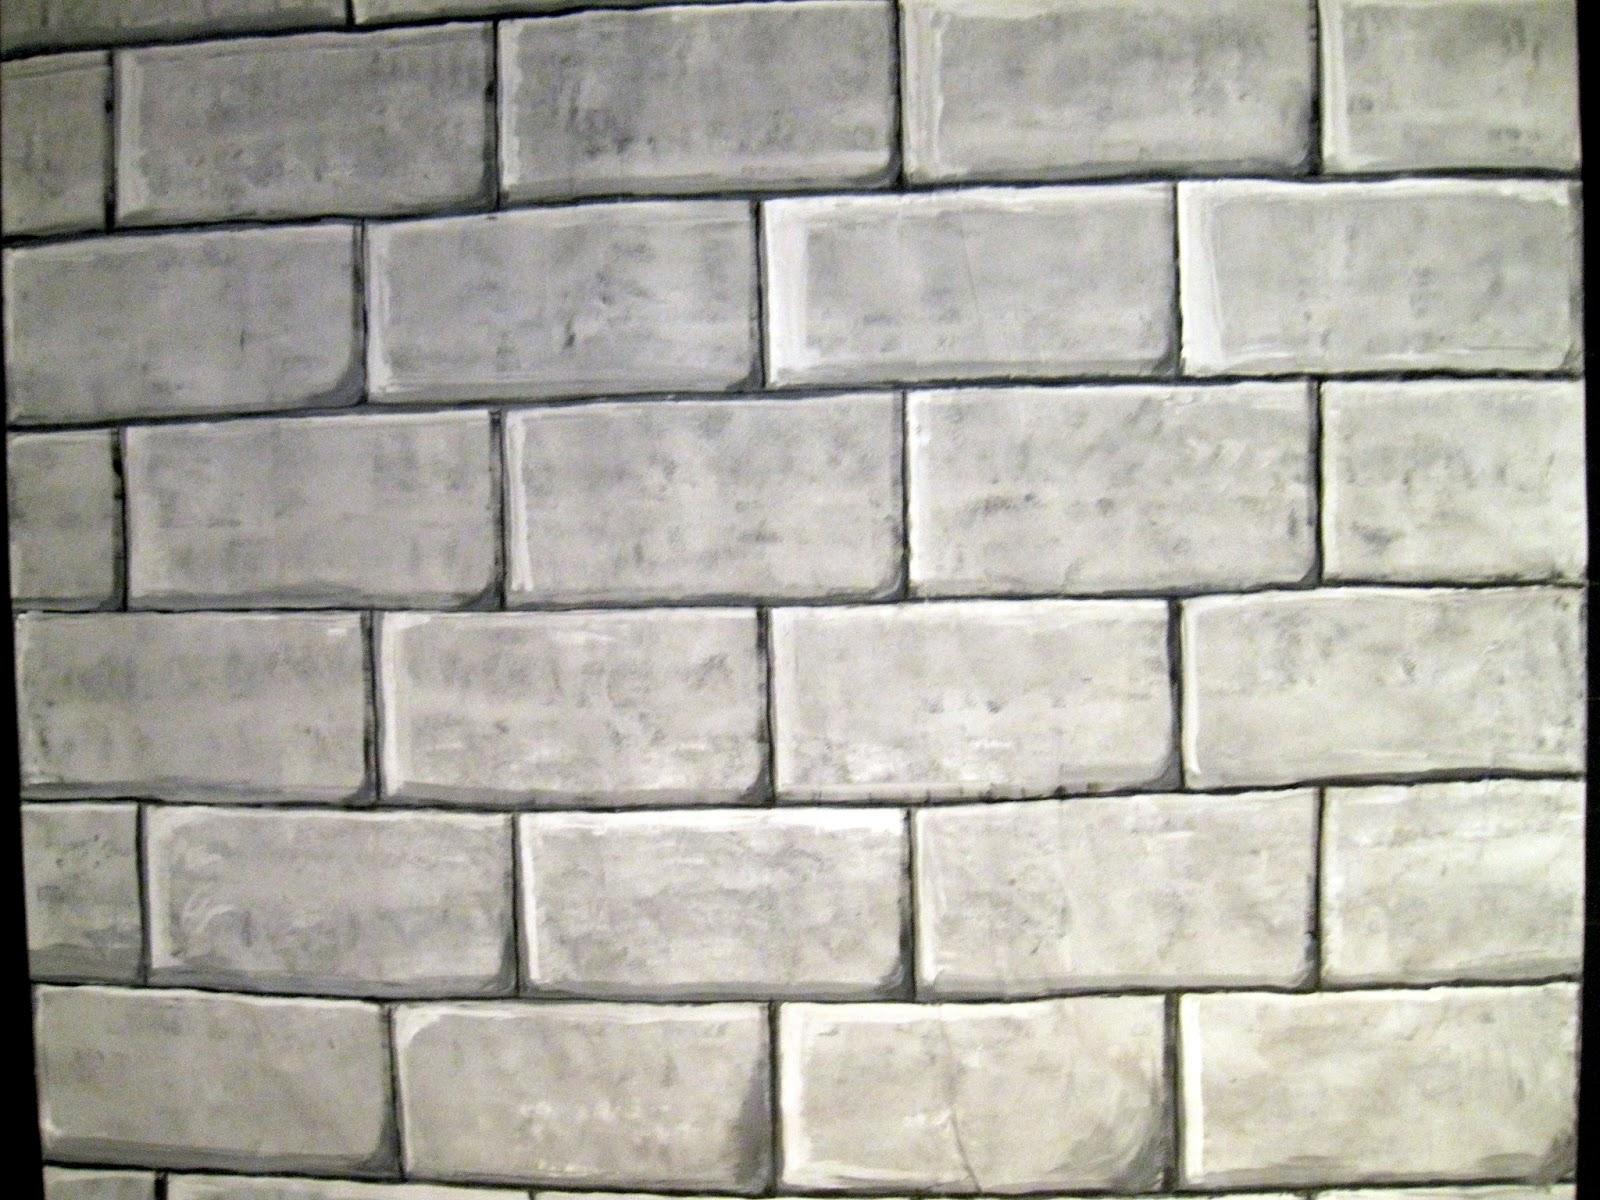 Castle wallstone block set design art class ideas castle wallstone block set design amipublicfo Images